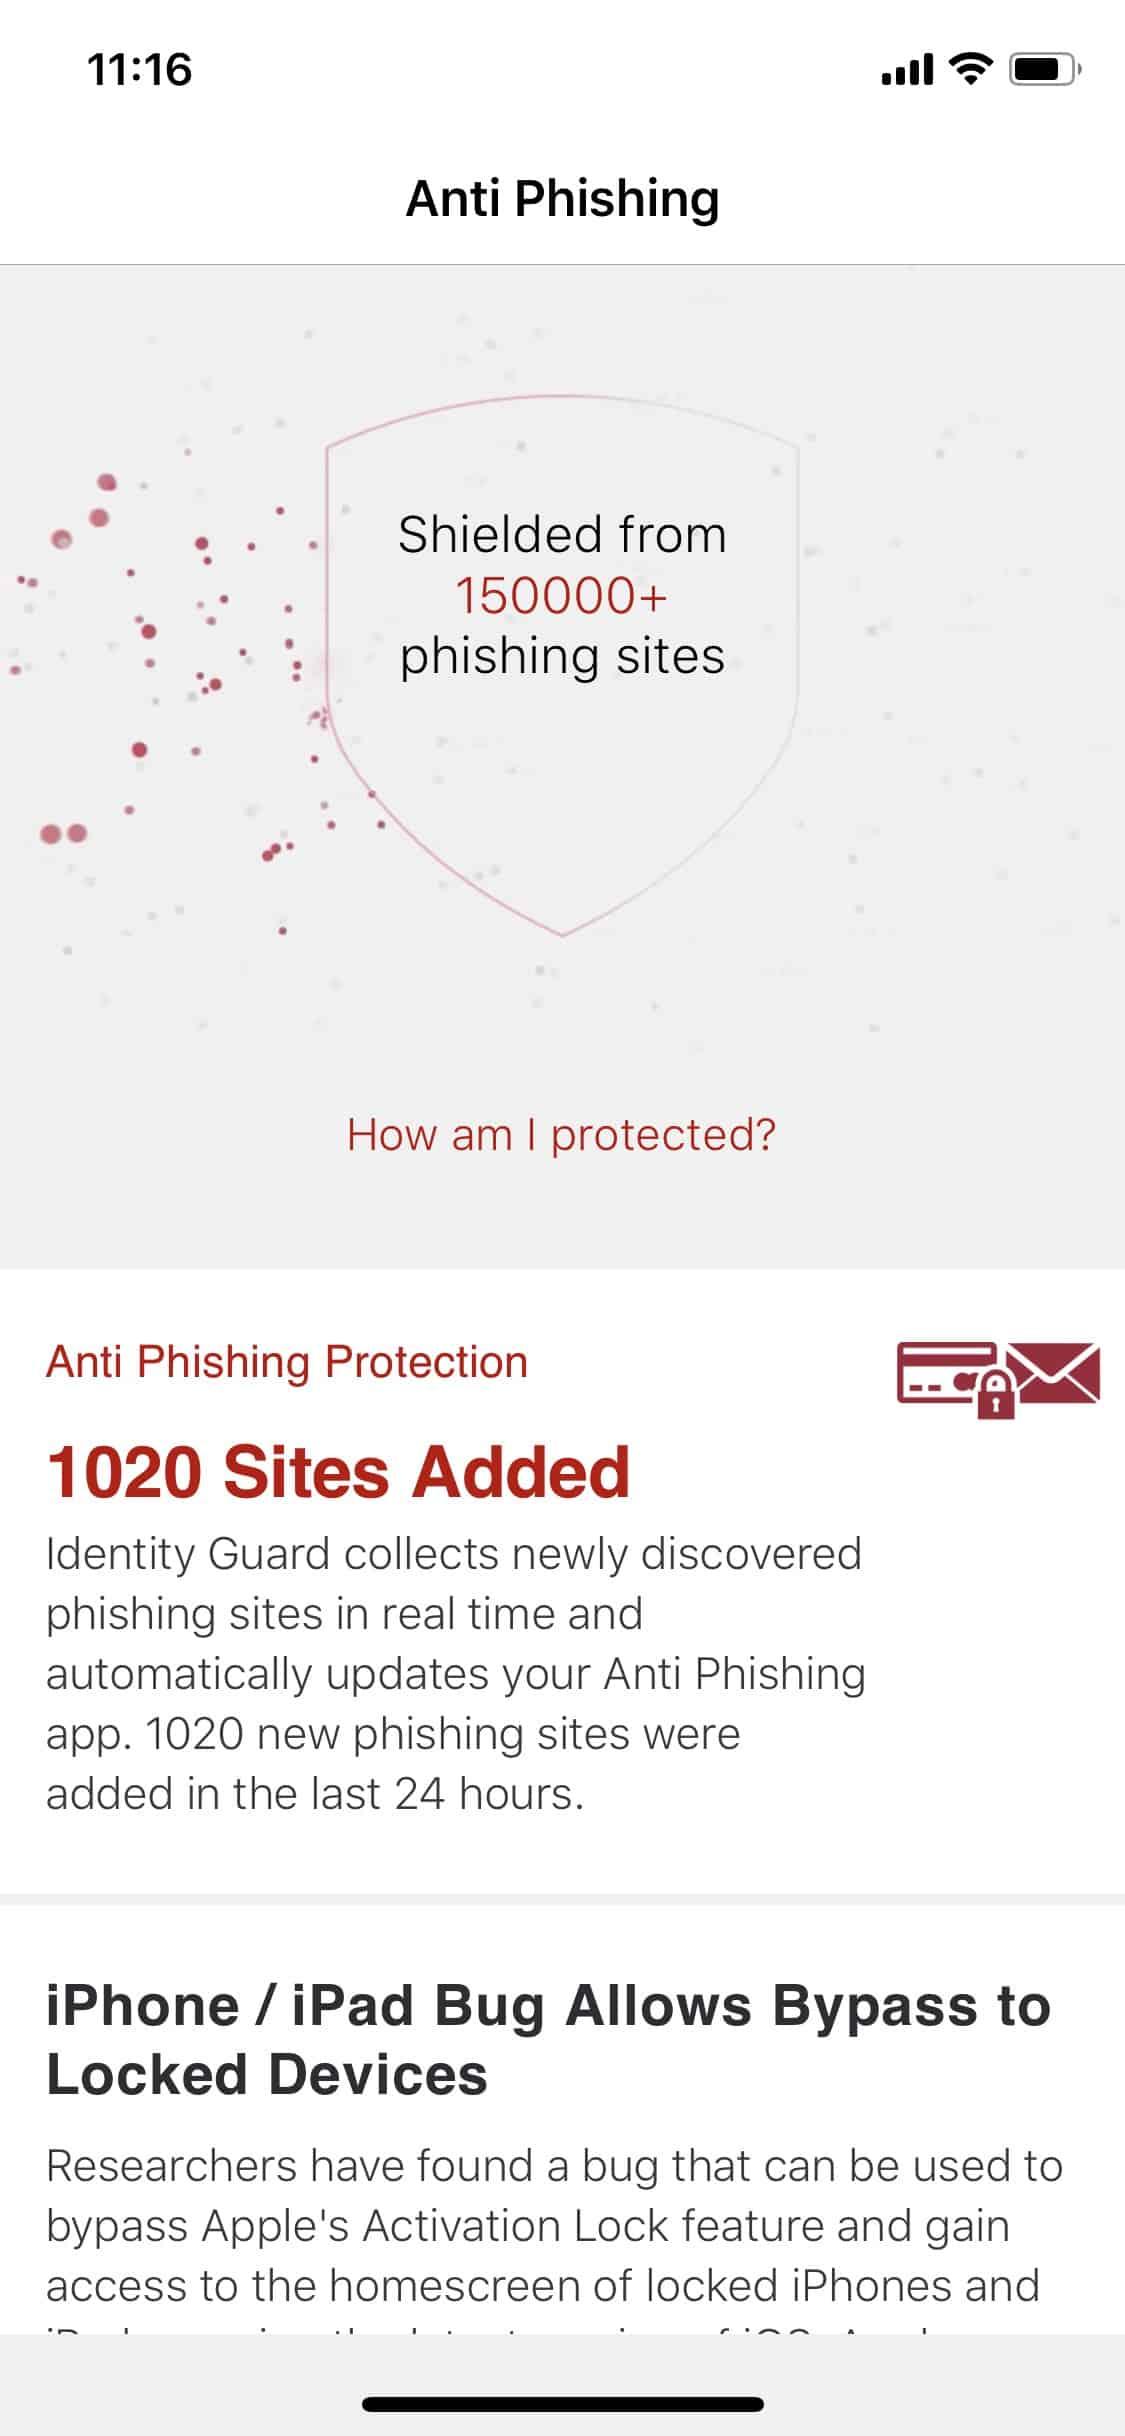 Identity Guard Anti Phishing